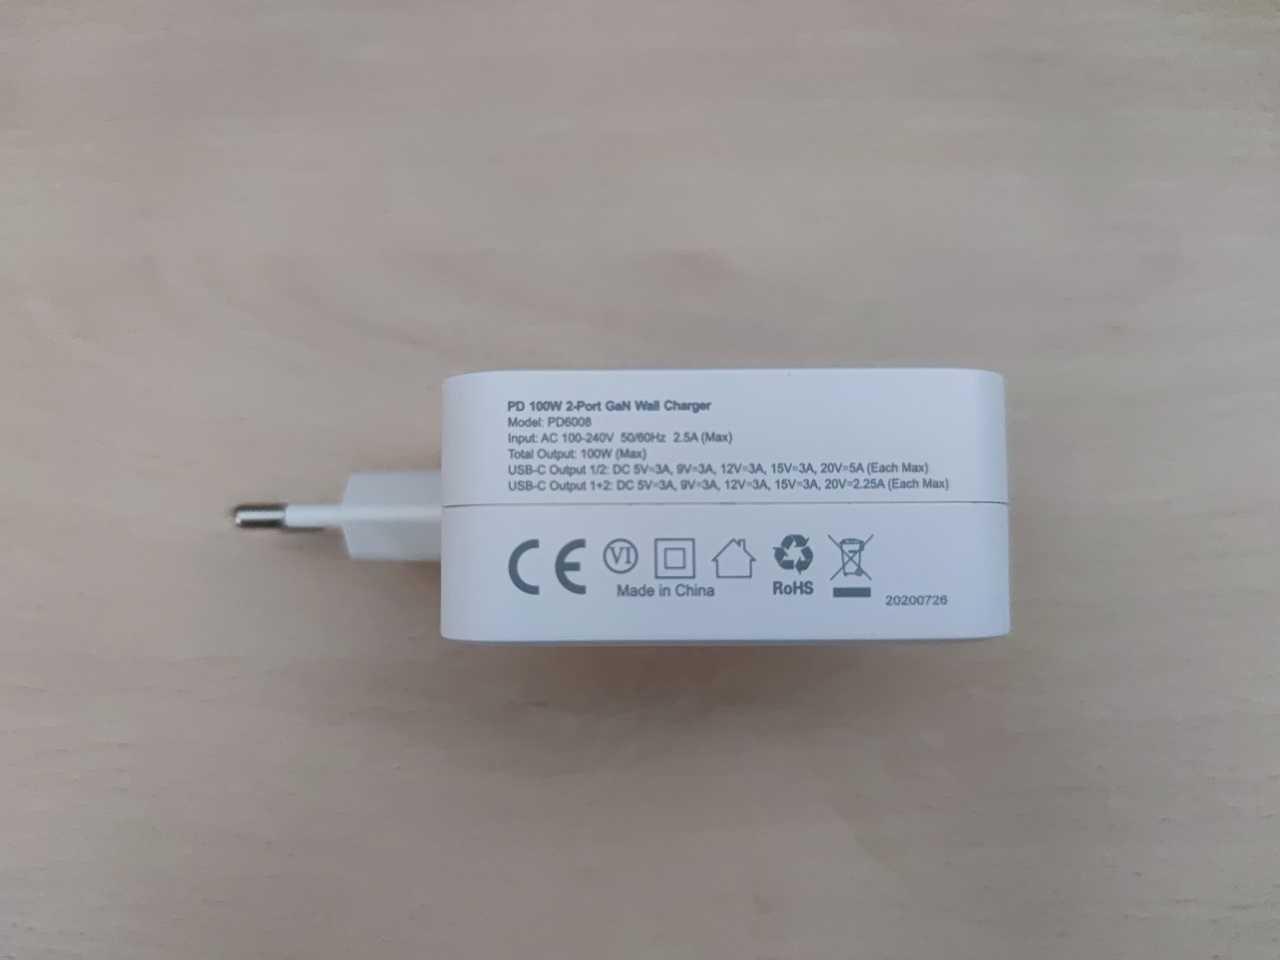 Recensione Choetech PD6008: alte prestazioni in dimensioni molto ridotte